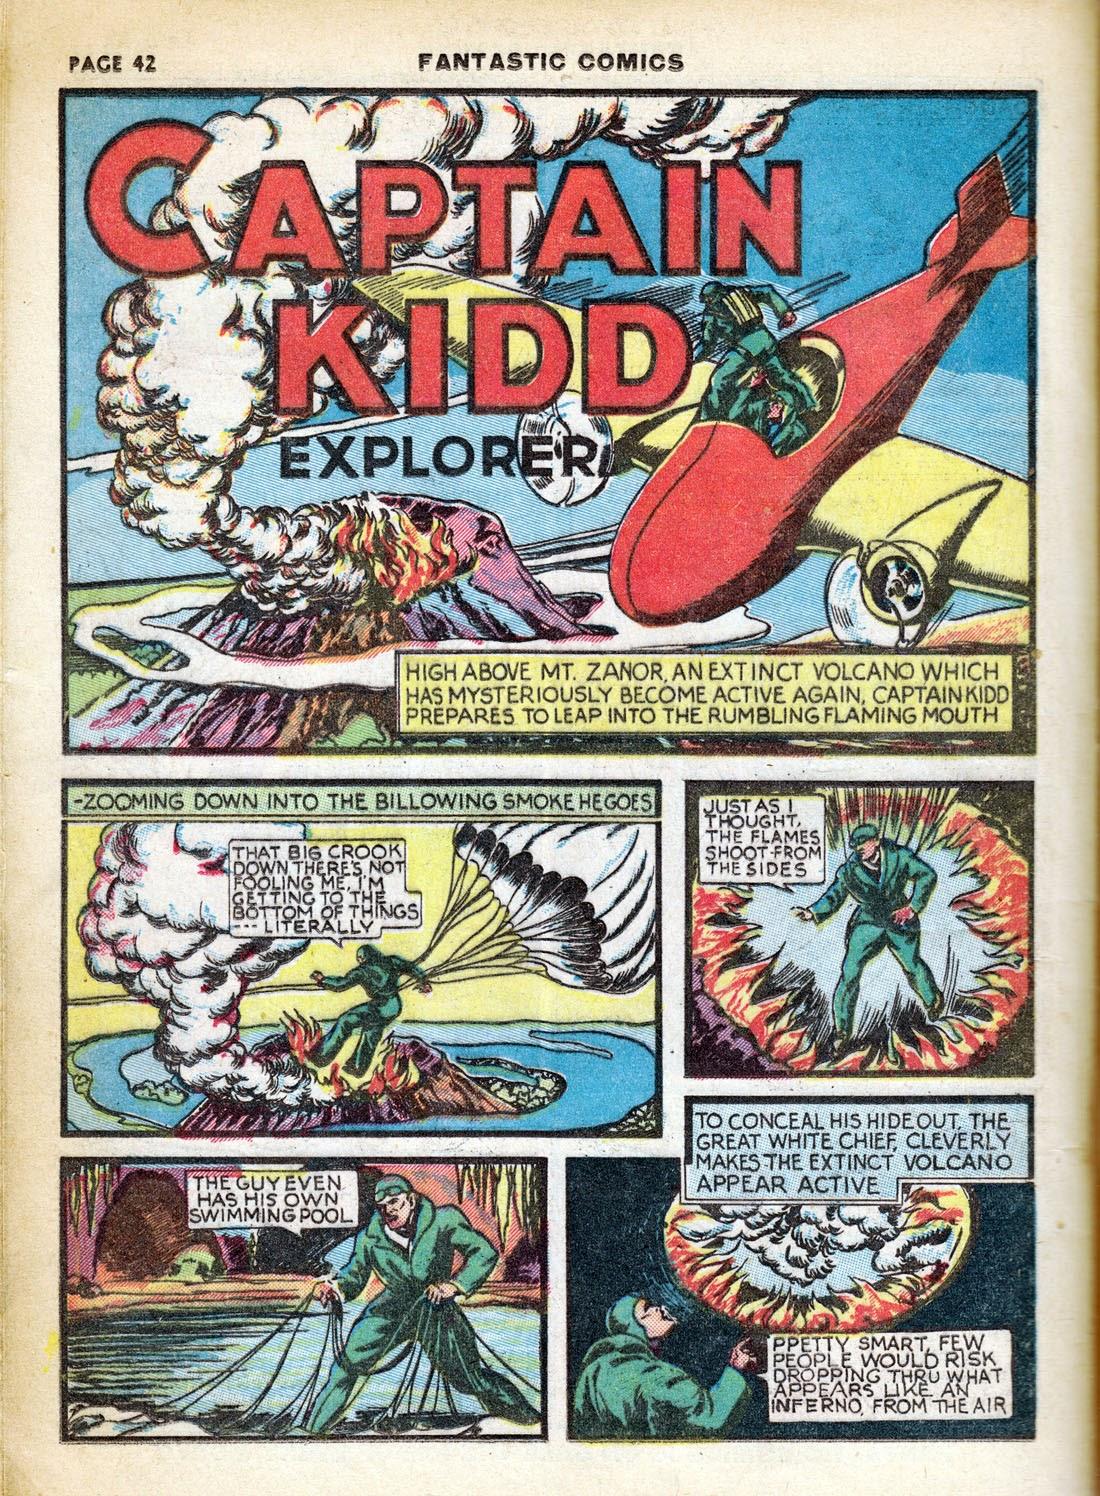 Read online Fantastic Comics comic -  Issue #7 - 44